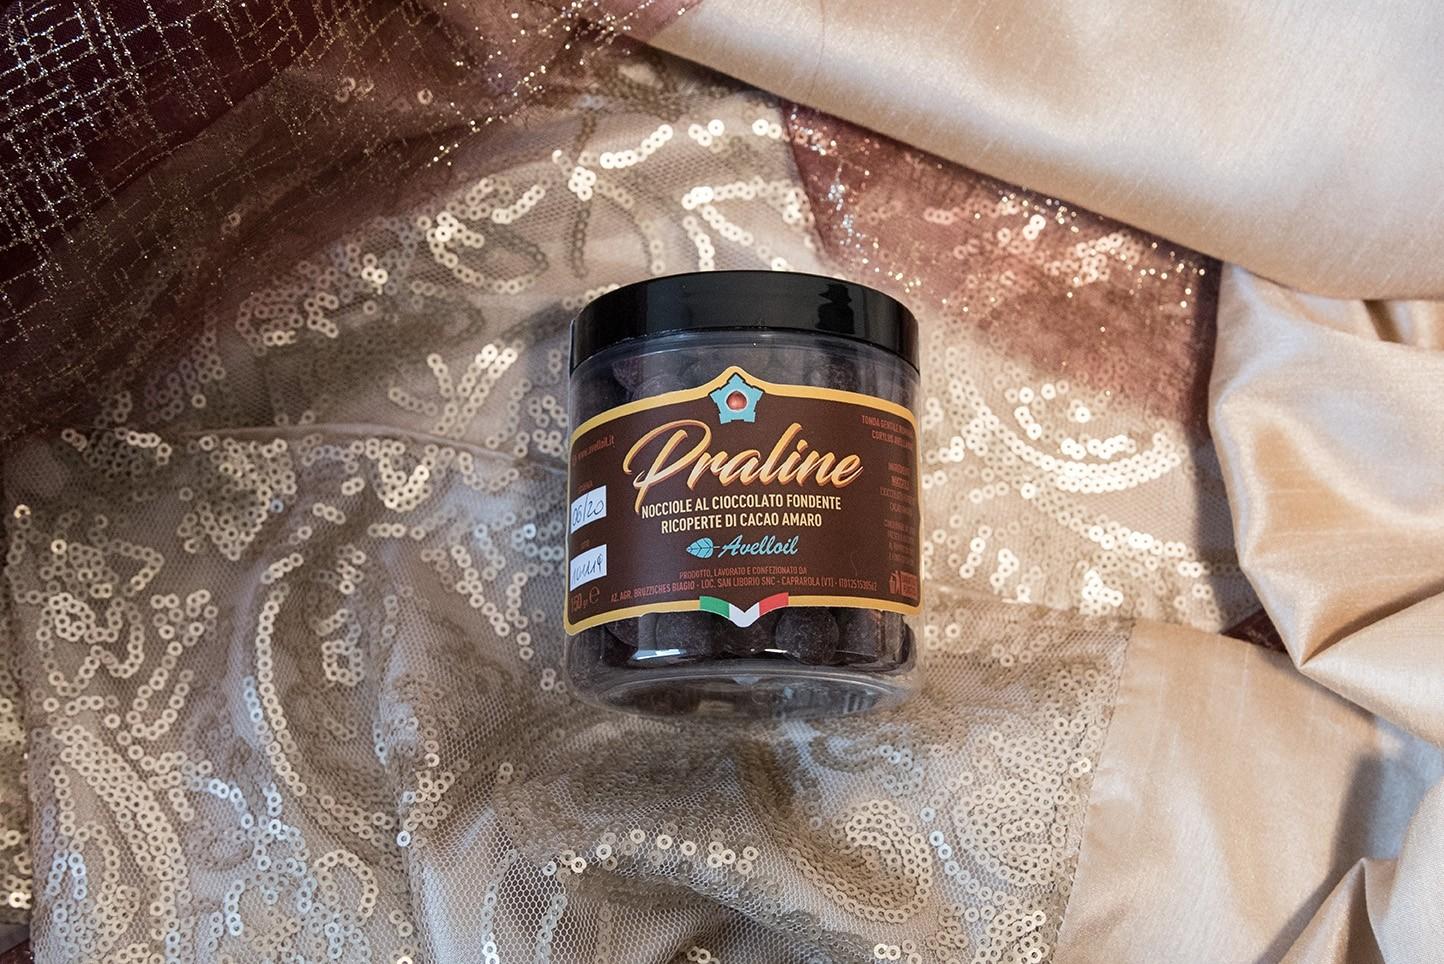 Praline di nocciole al cioccolato fondente ricoperte di cacao amaro - 150 gr - Avelloil